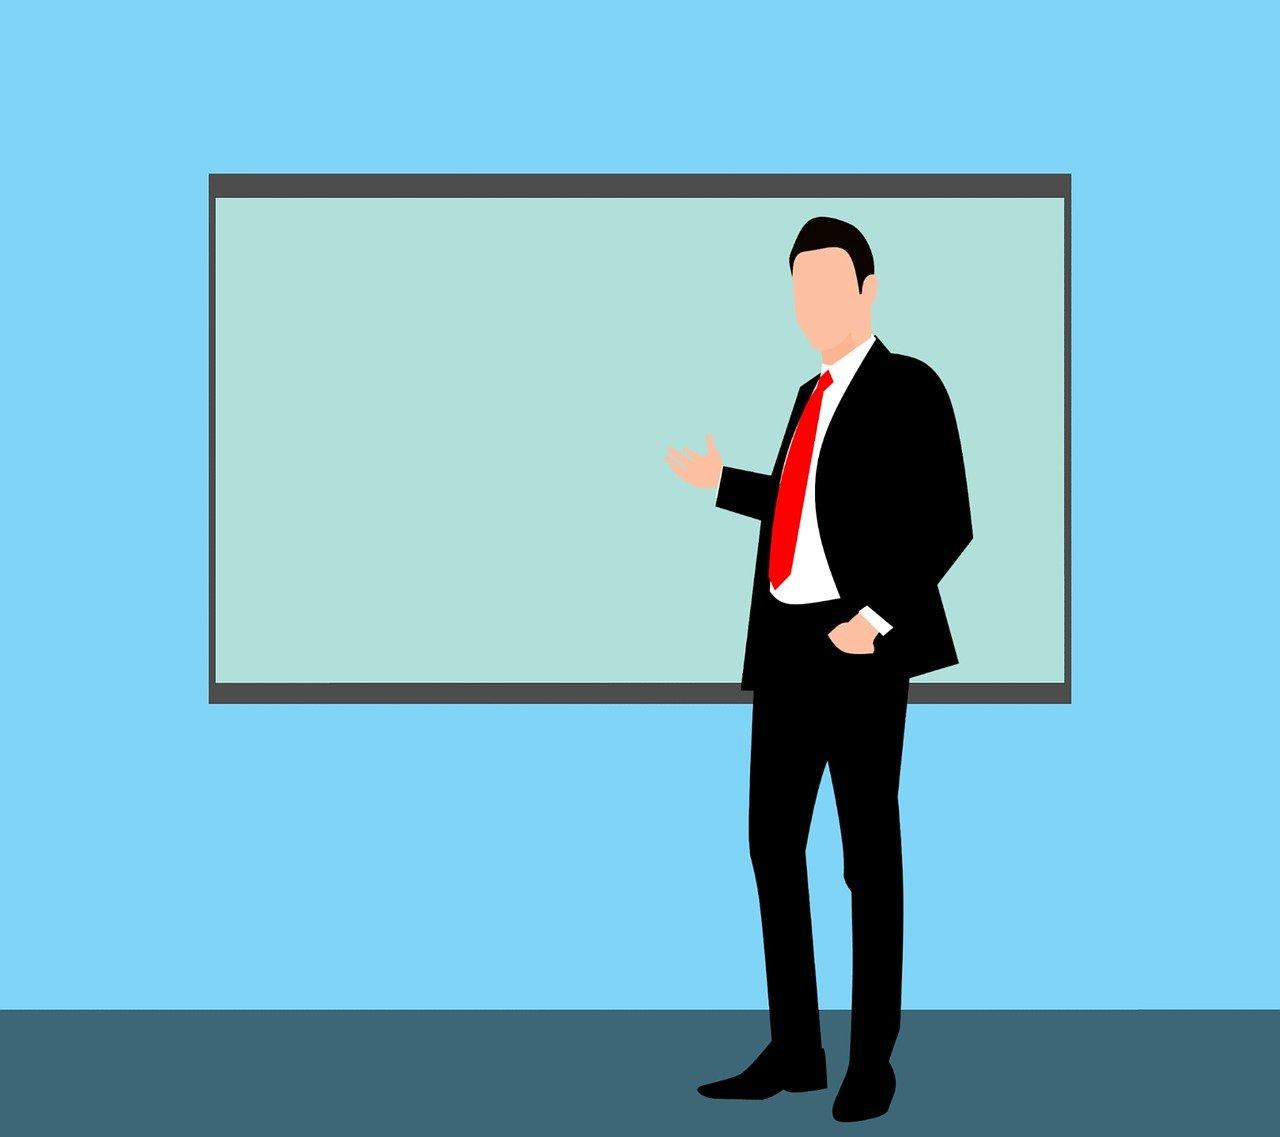 Hvordan skrive en klage til skolen?